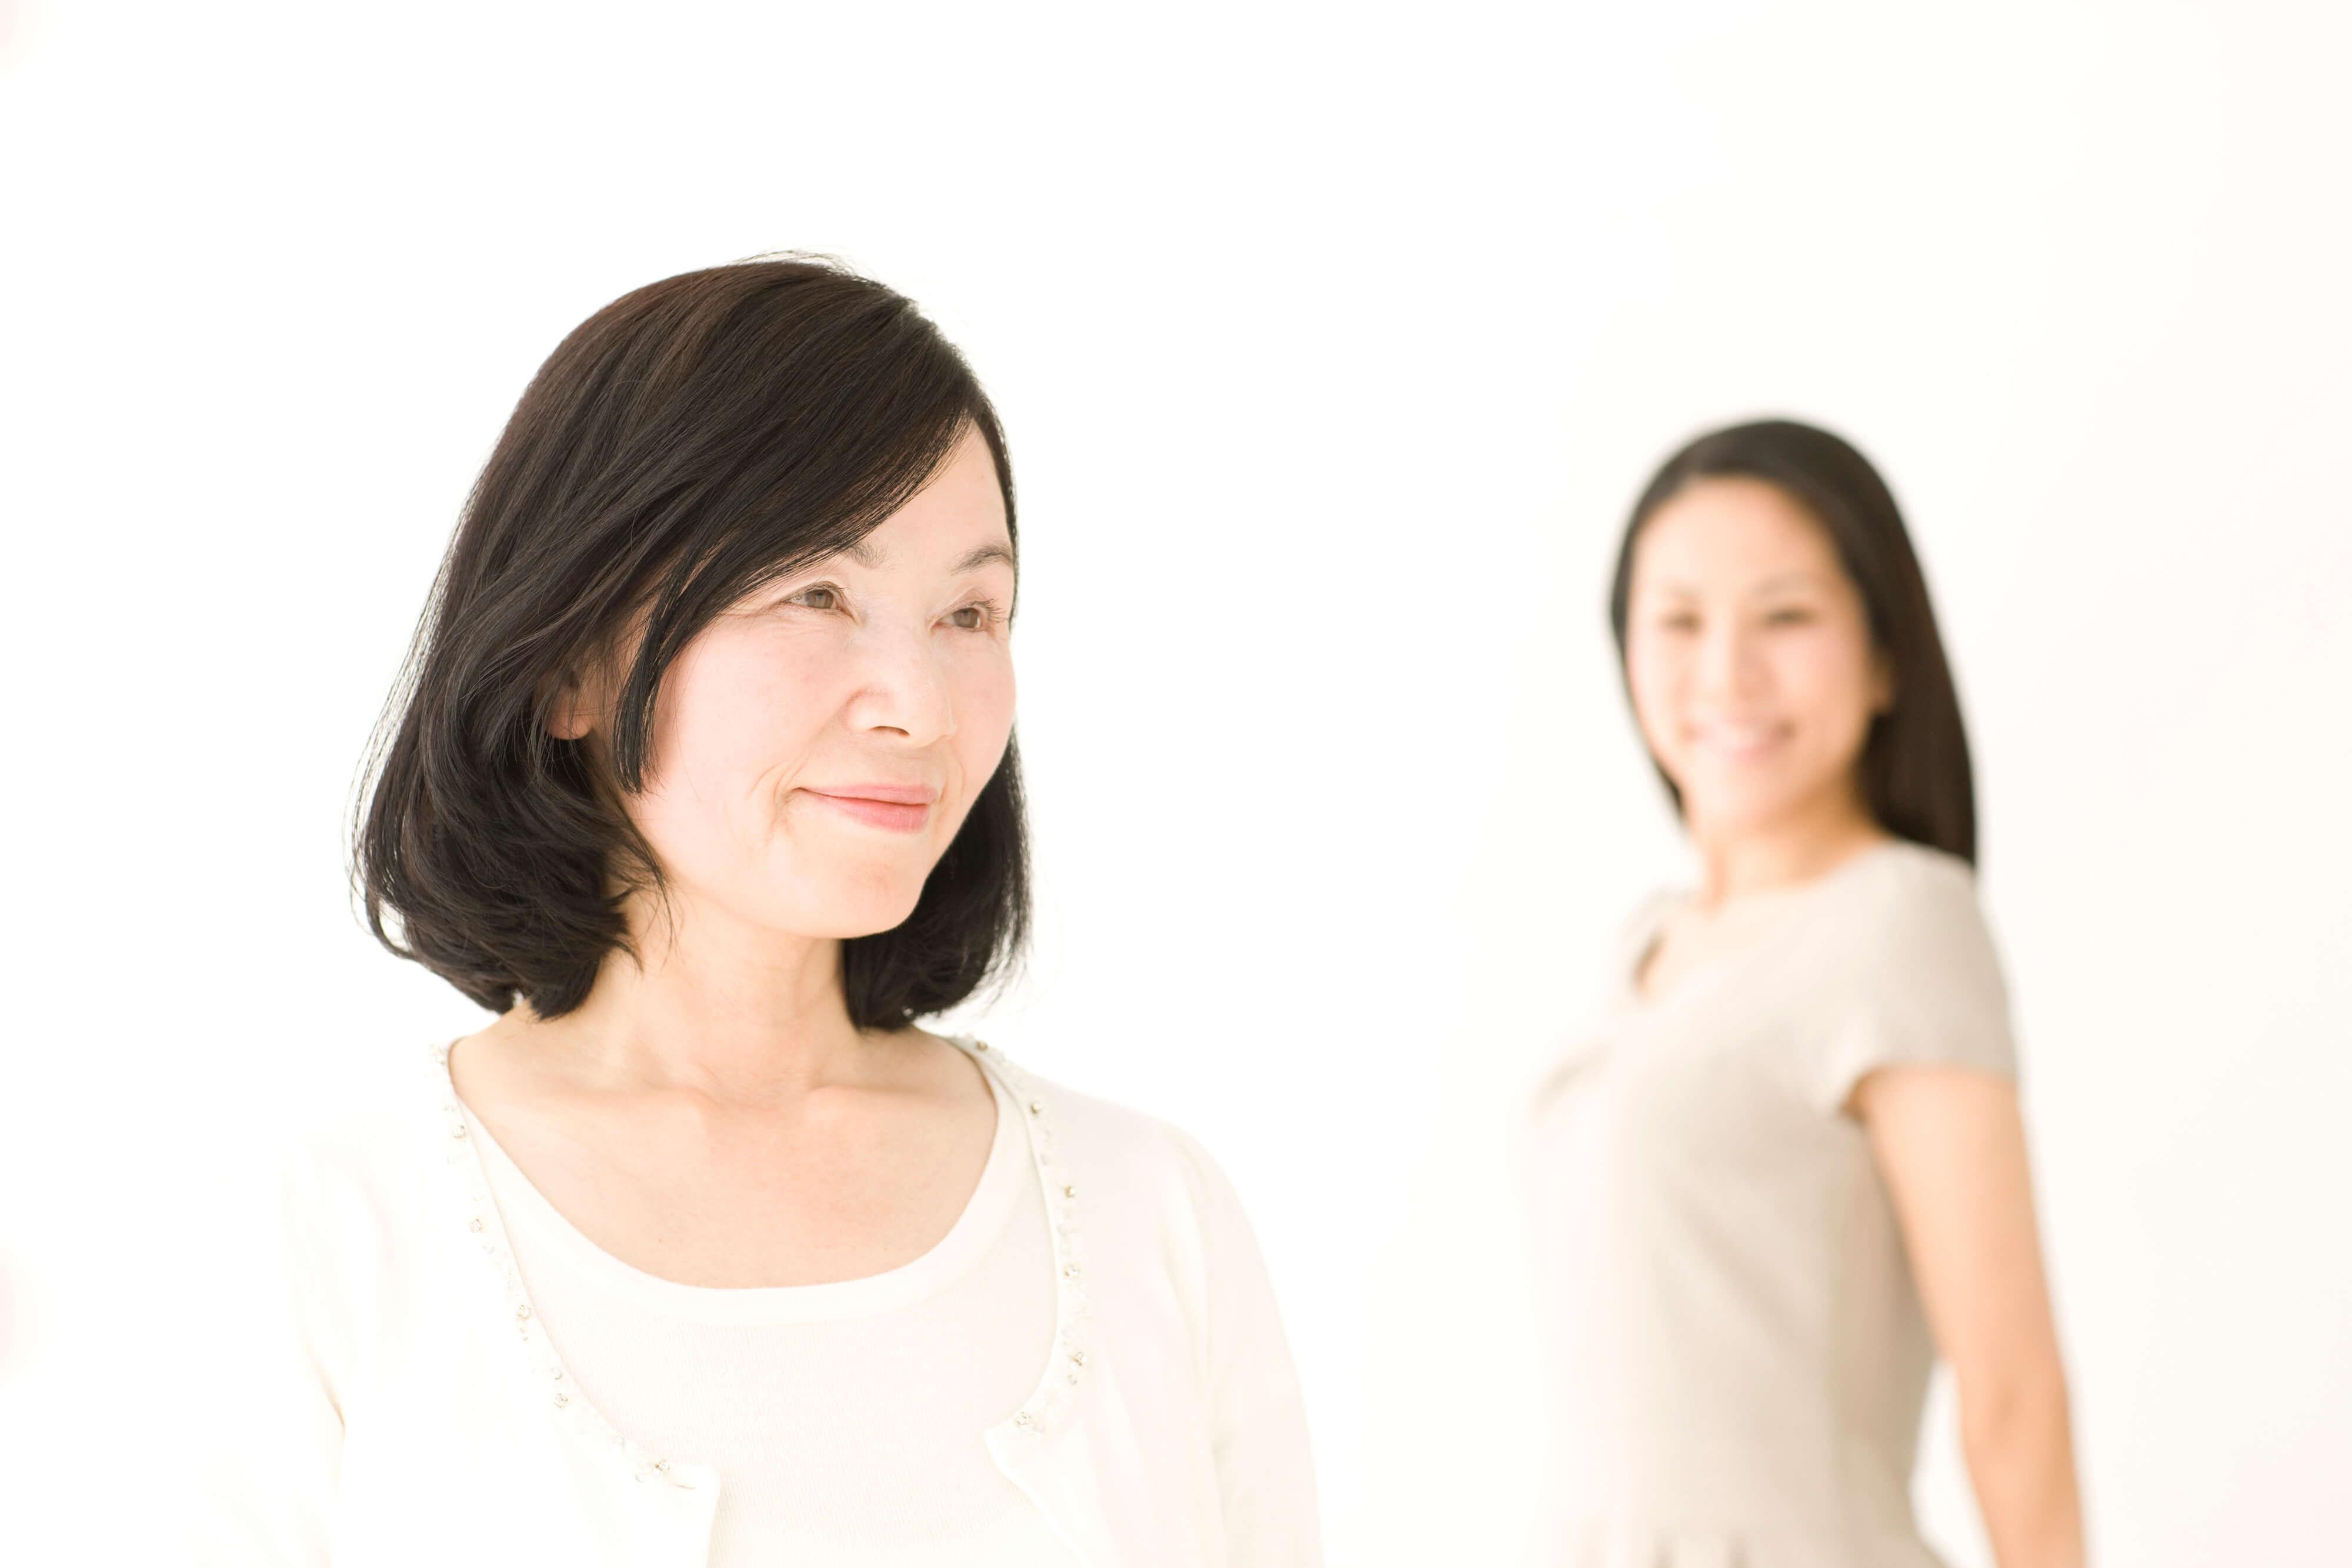 50代になり今後の白髪ケアに悩んでいる女性たちへ、おすすめの対策を紹介! -美頭皮のすすめ-